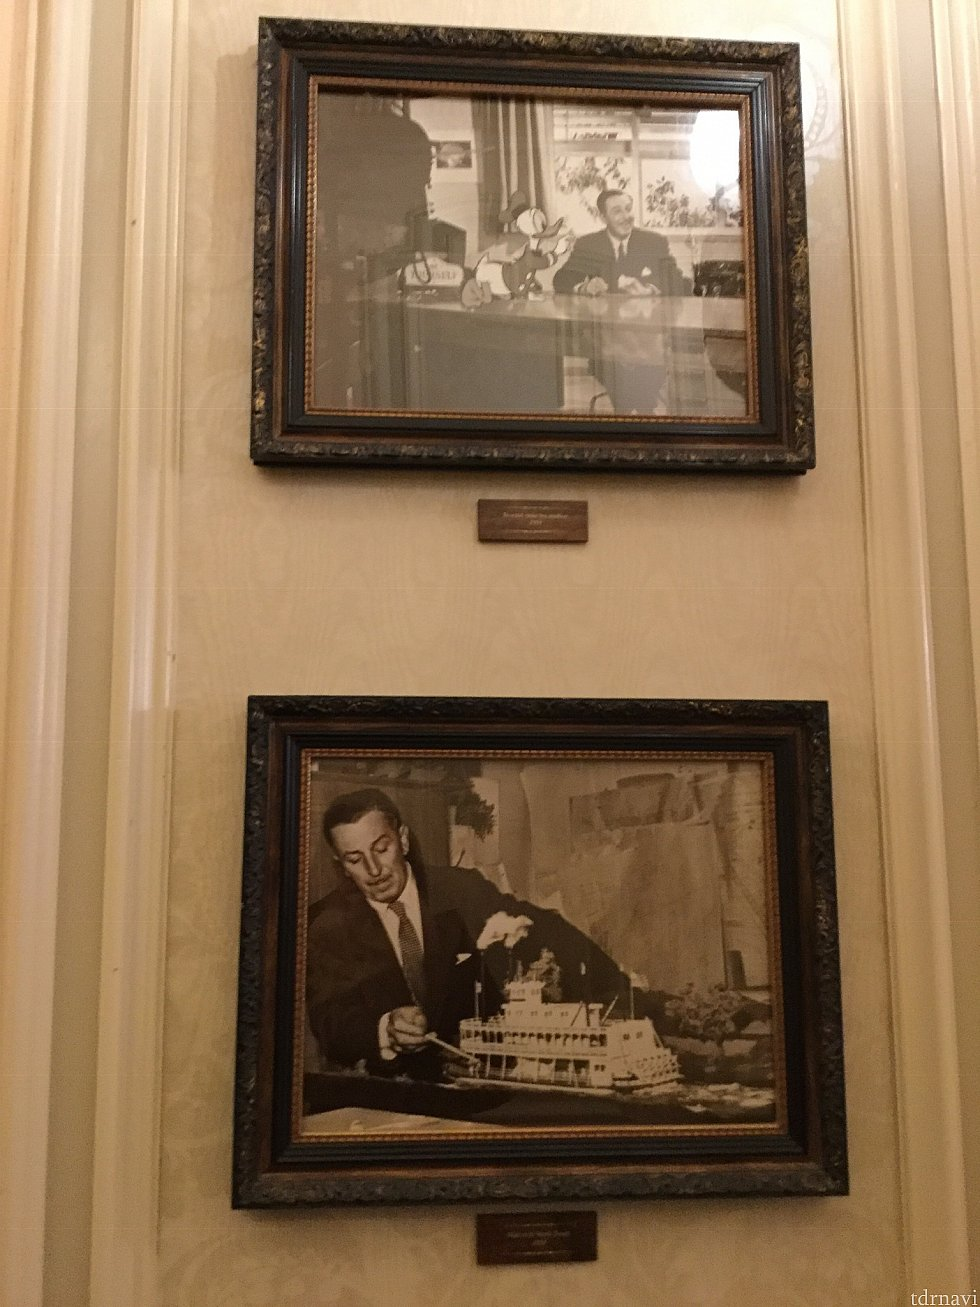 中にはウォルトの写真がいっぱい